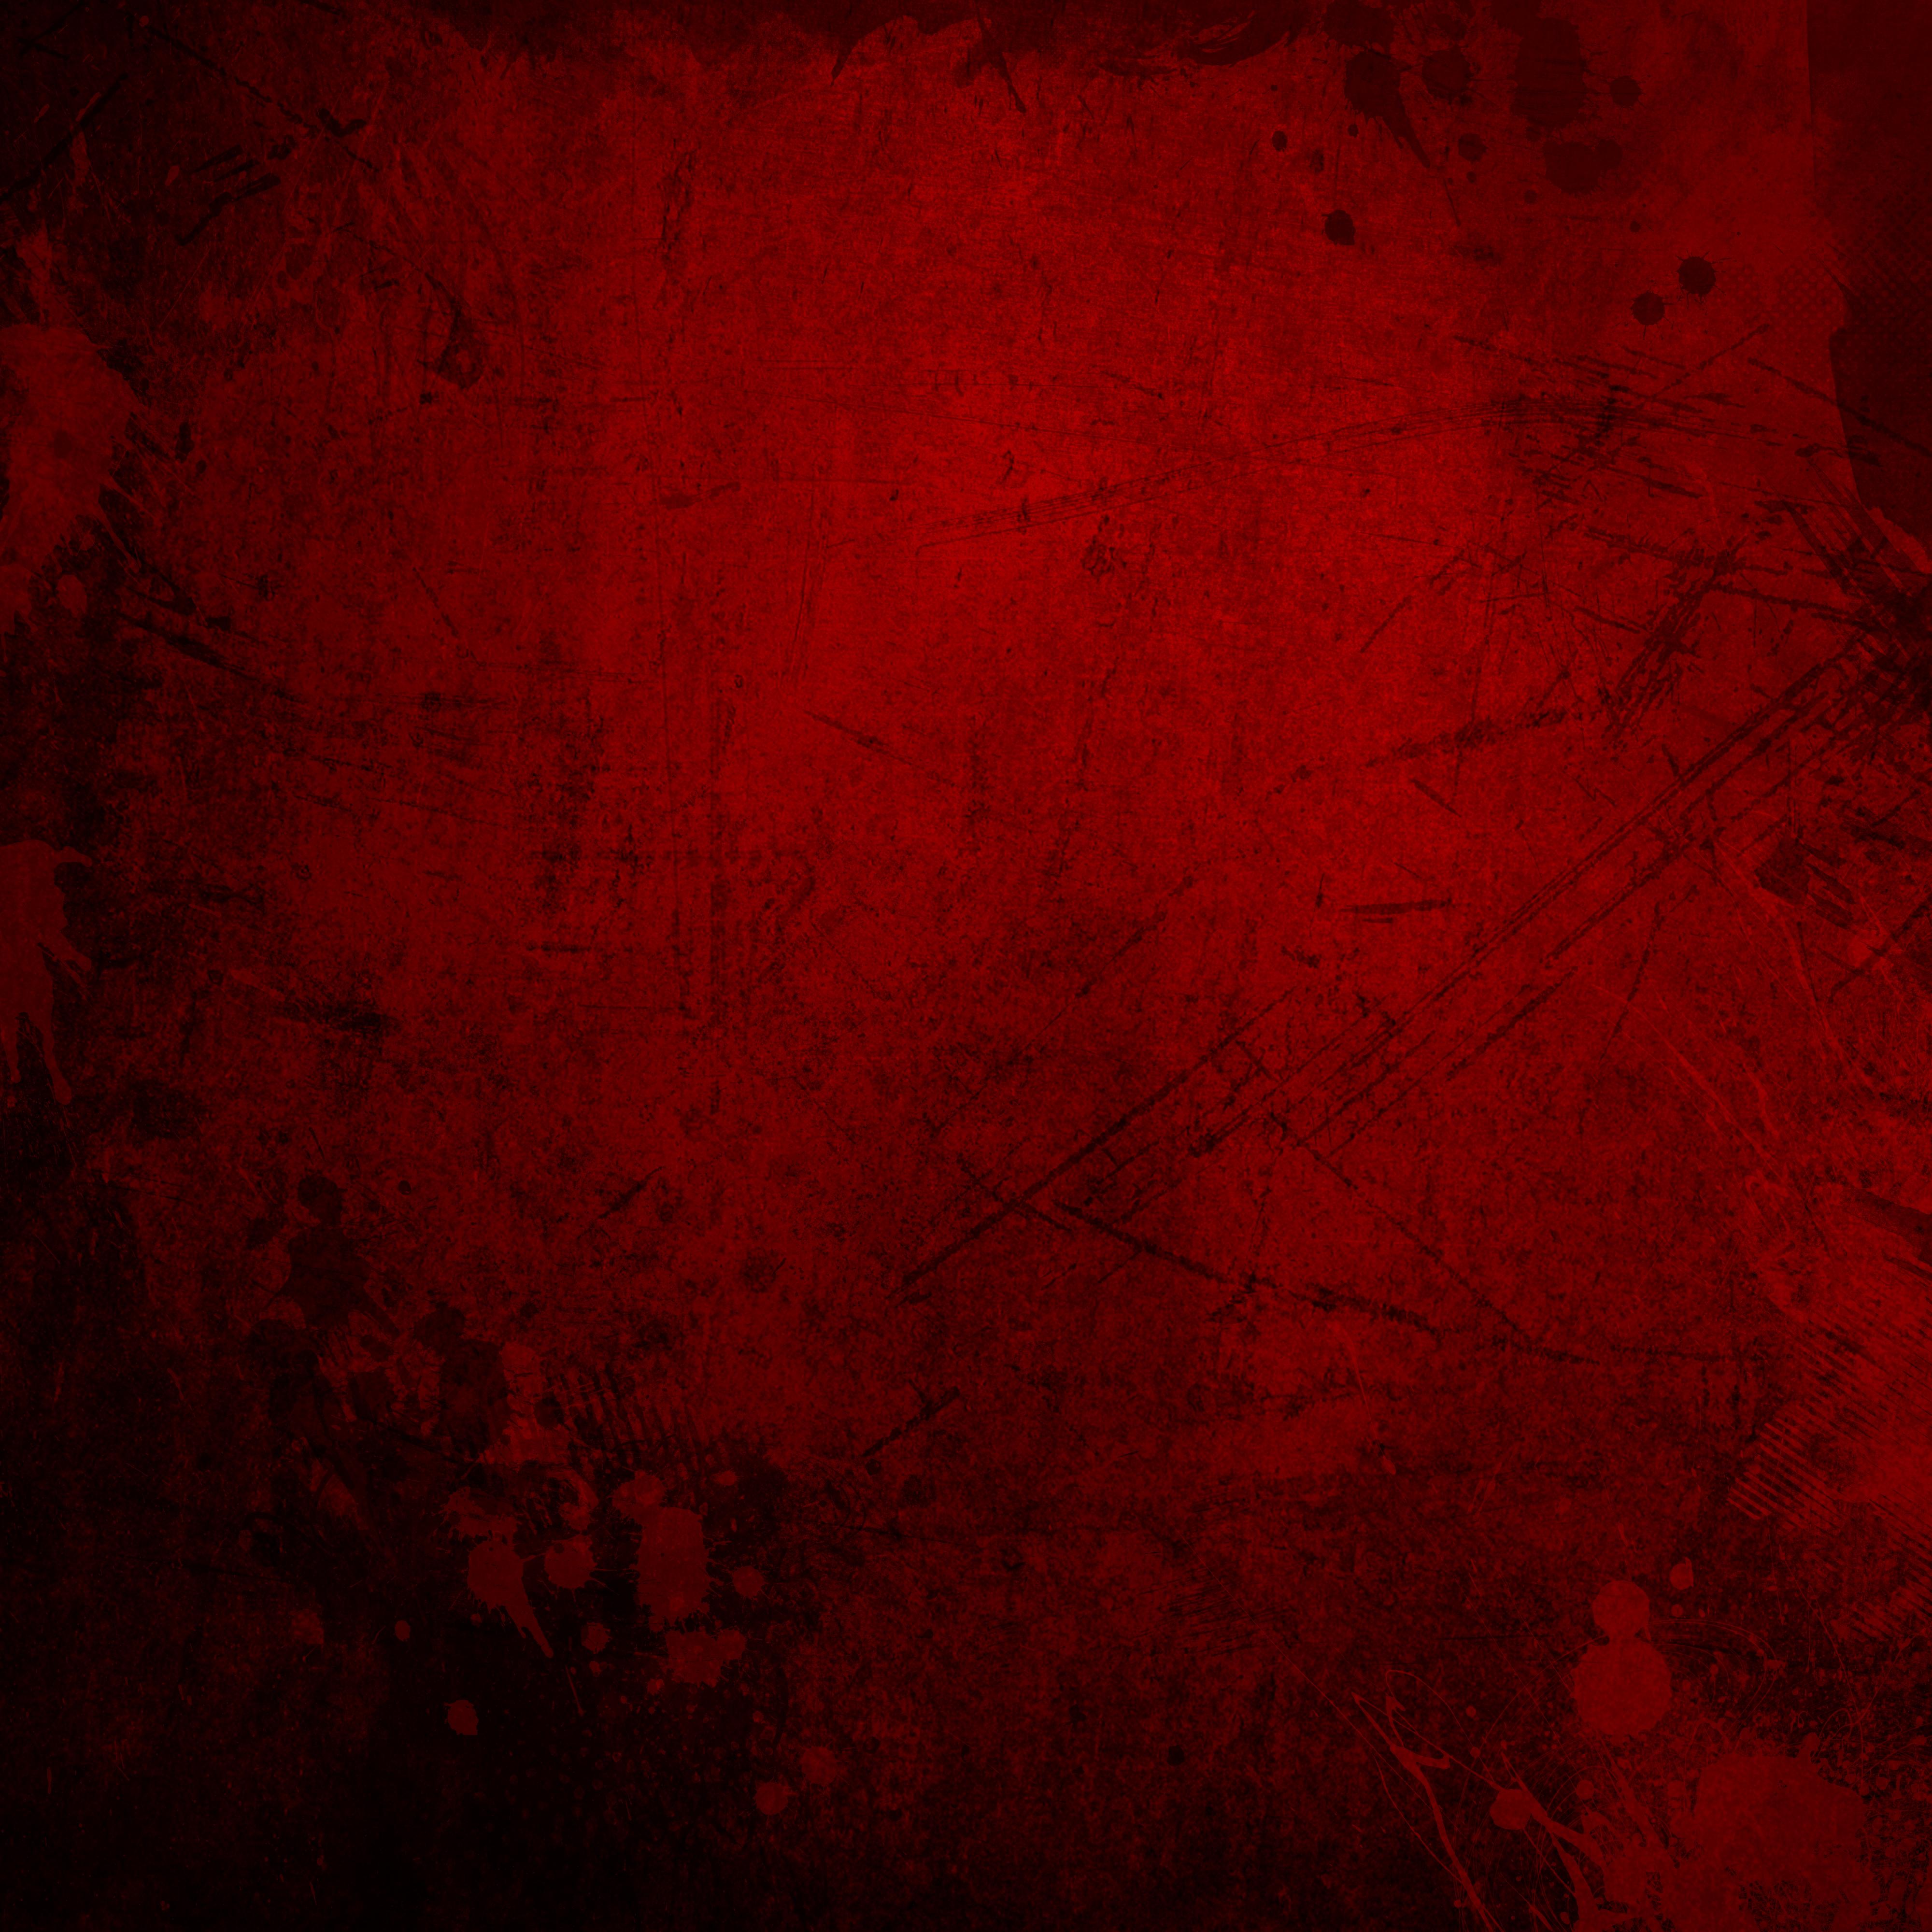 Grunge Red Background Red grunge background 4000x4000